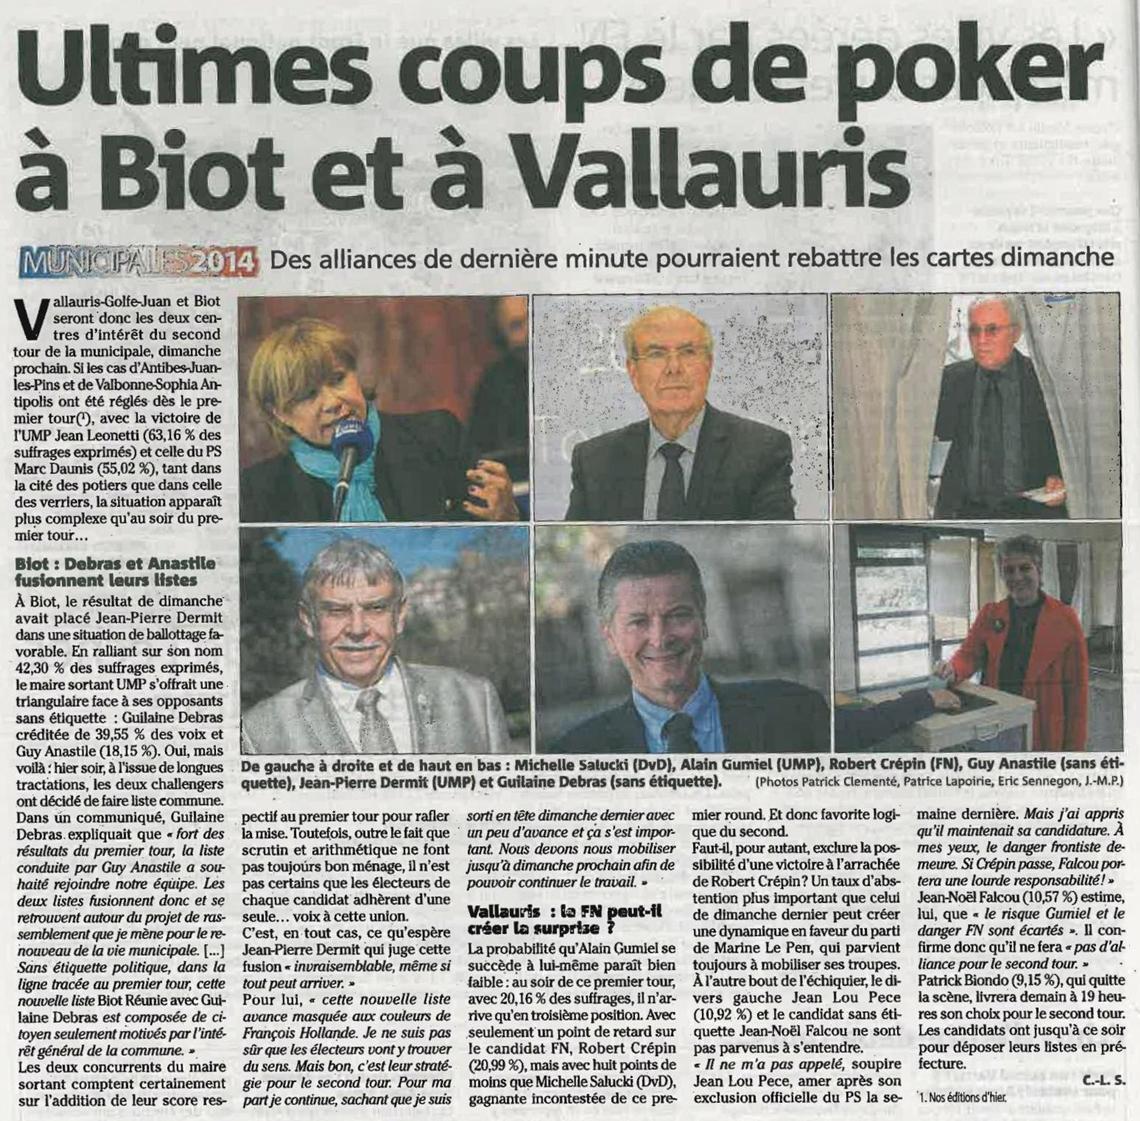 ©Nice-Matin du 25 mars 2014 - Ultimes coups de poker à Biot et Vallauris